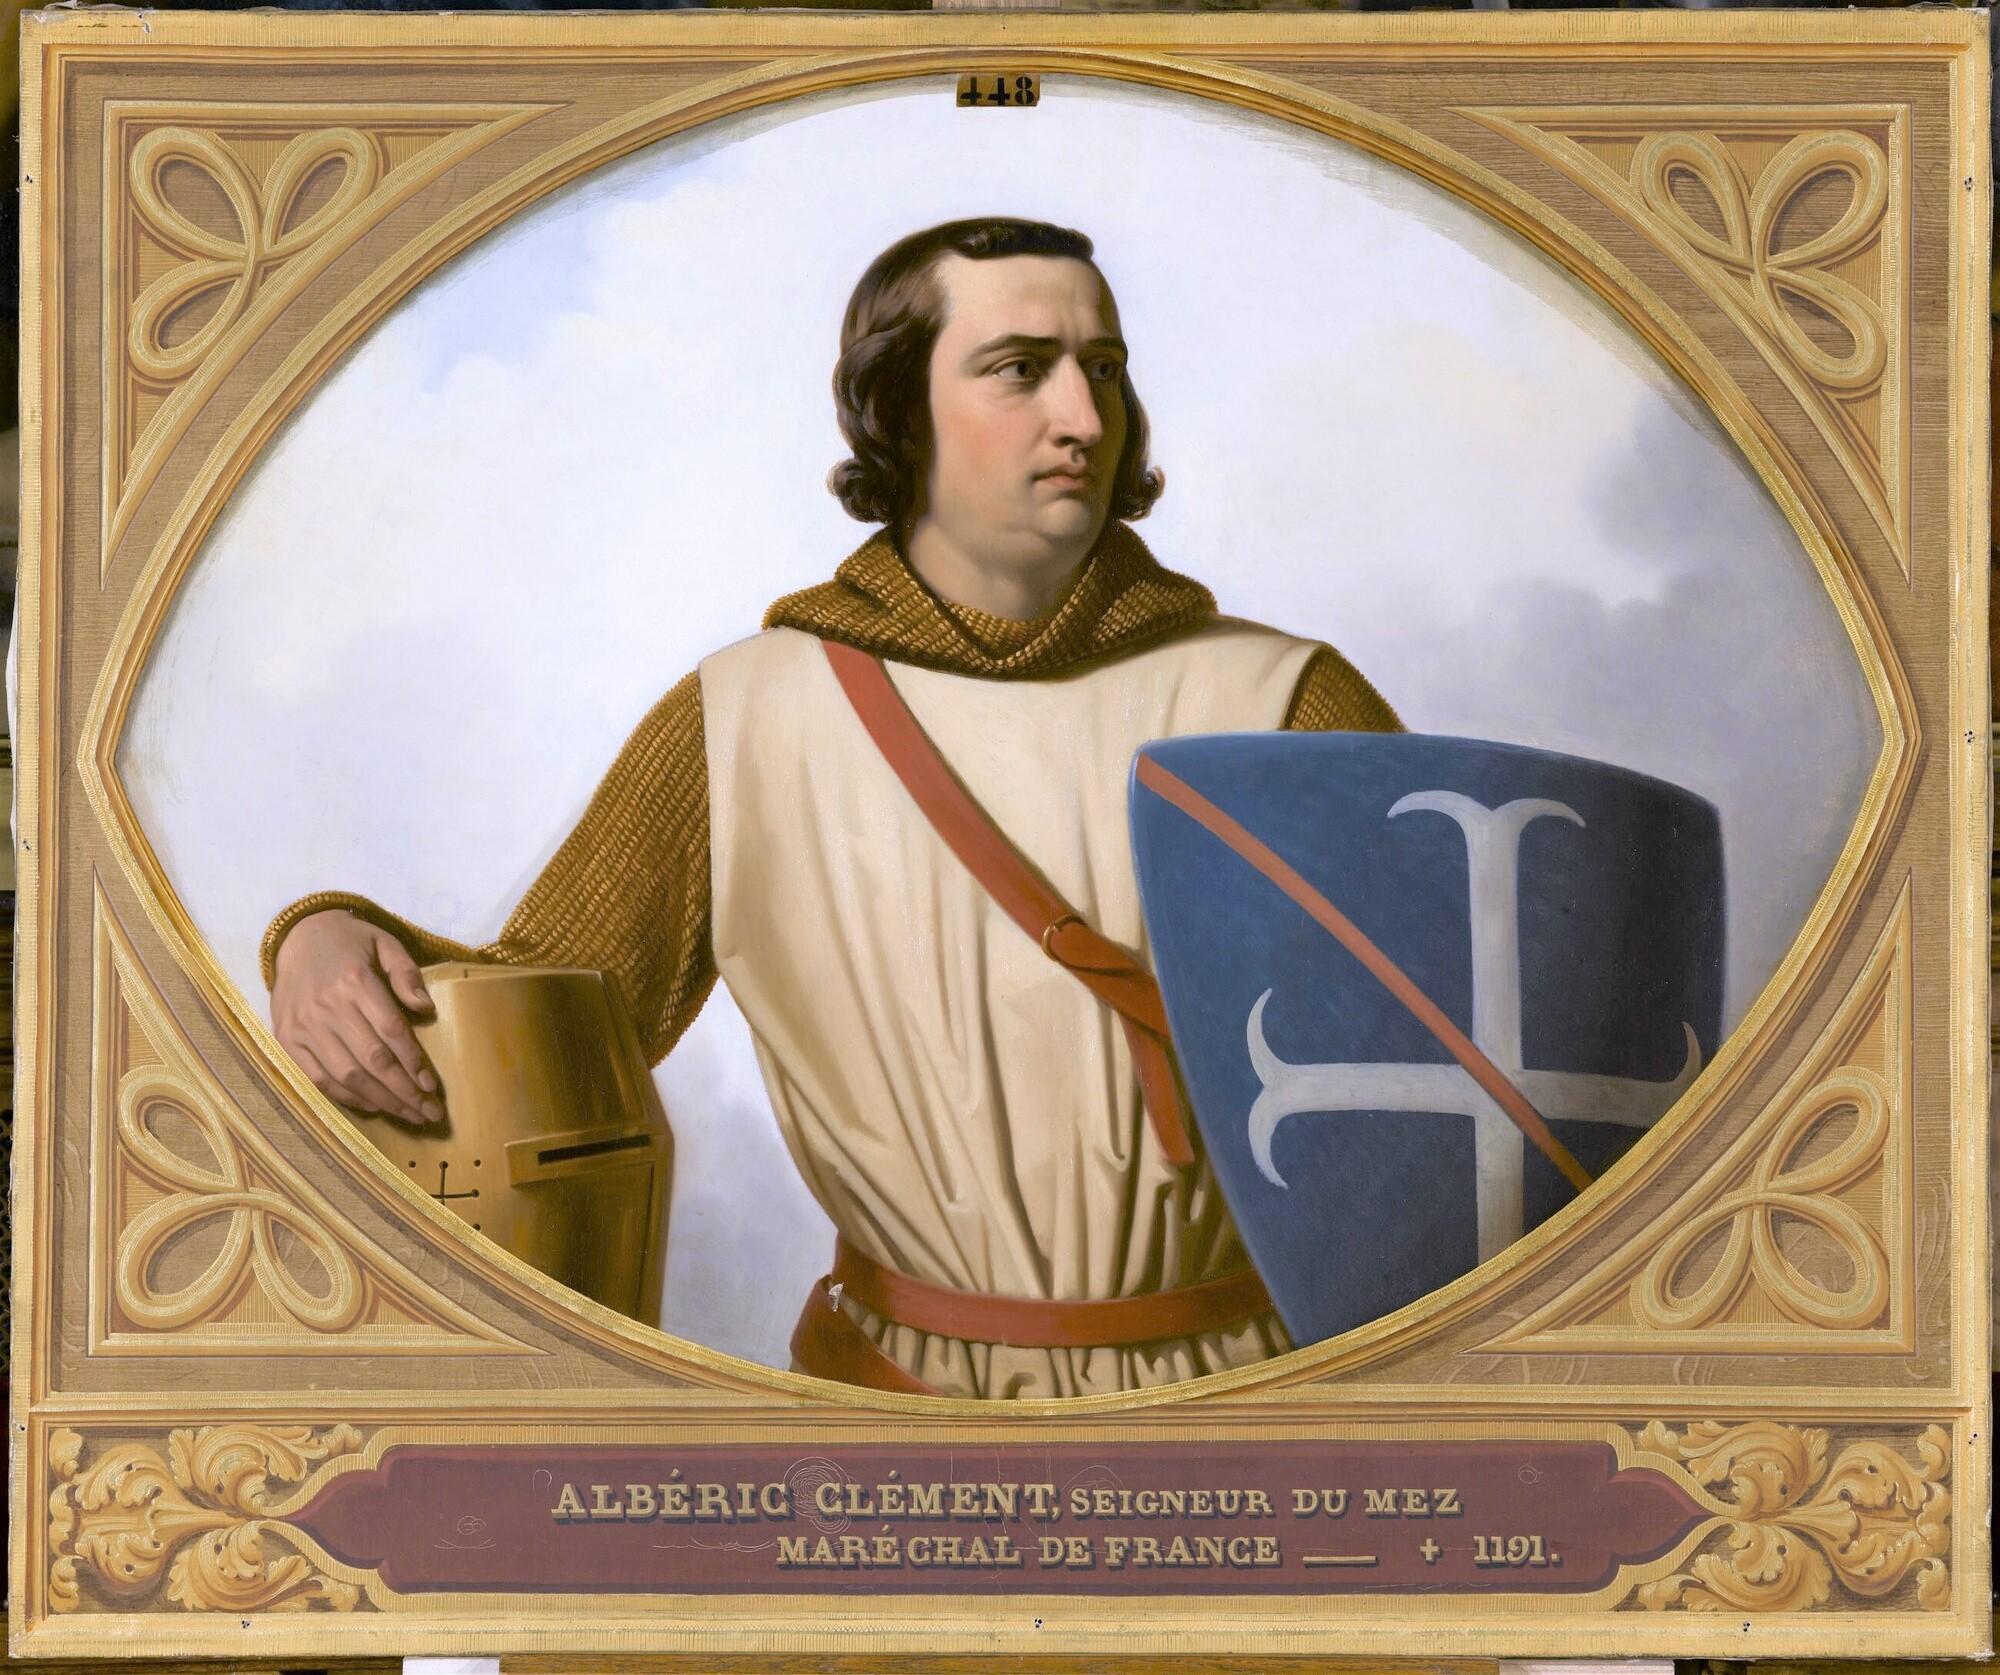 Albéric Clément, maréchal de France. Peintre : Henri Decaisne.